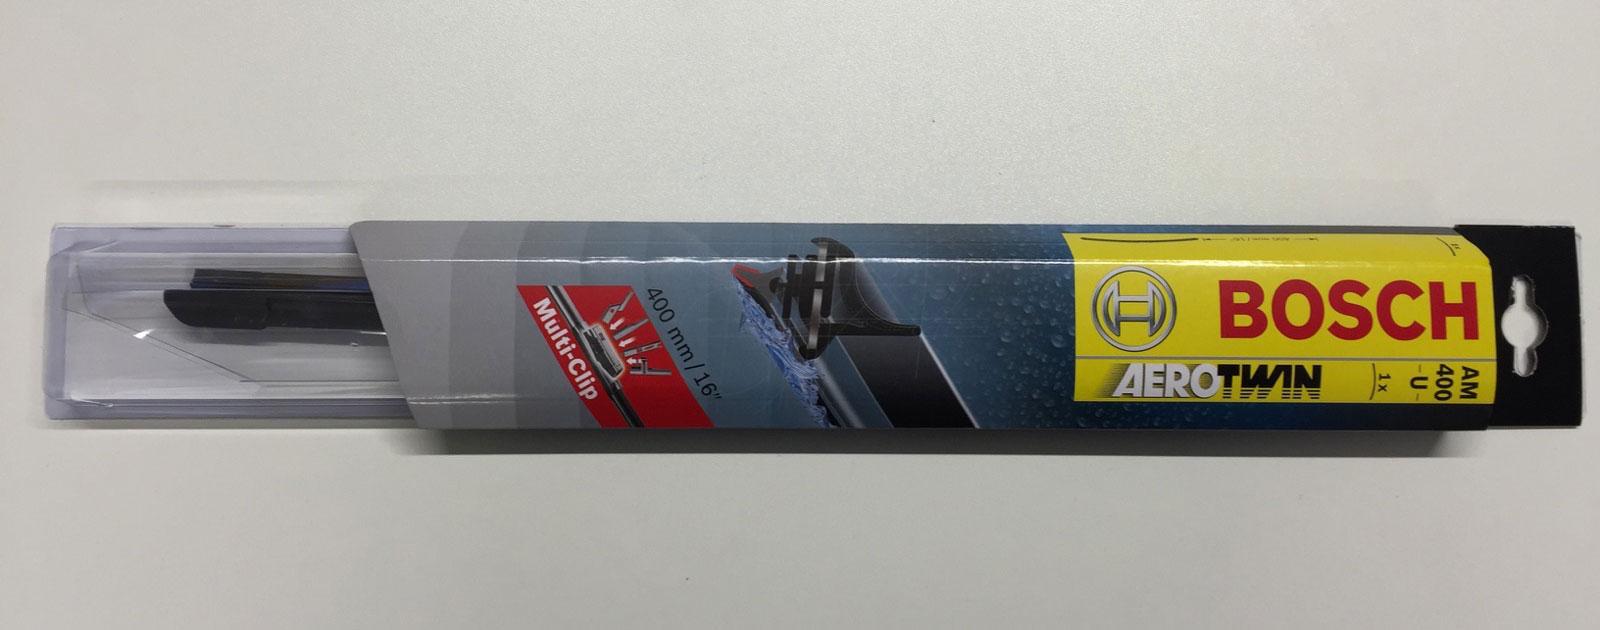 Scheibenwischer / Wischblatt Bosch AEROTWIN AM475USingle Bild 1